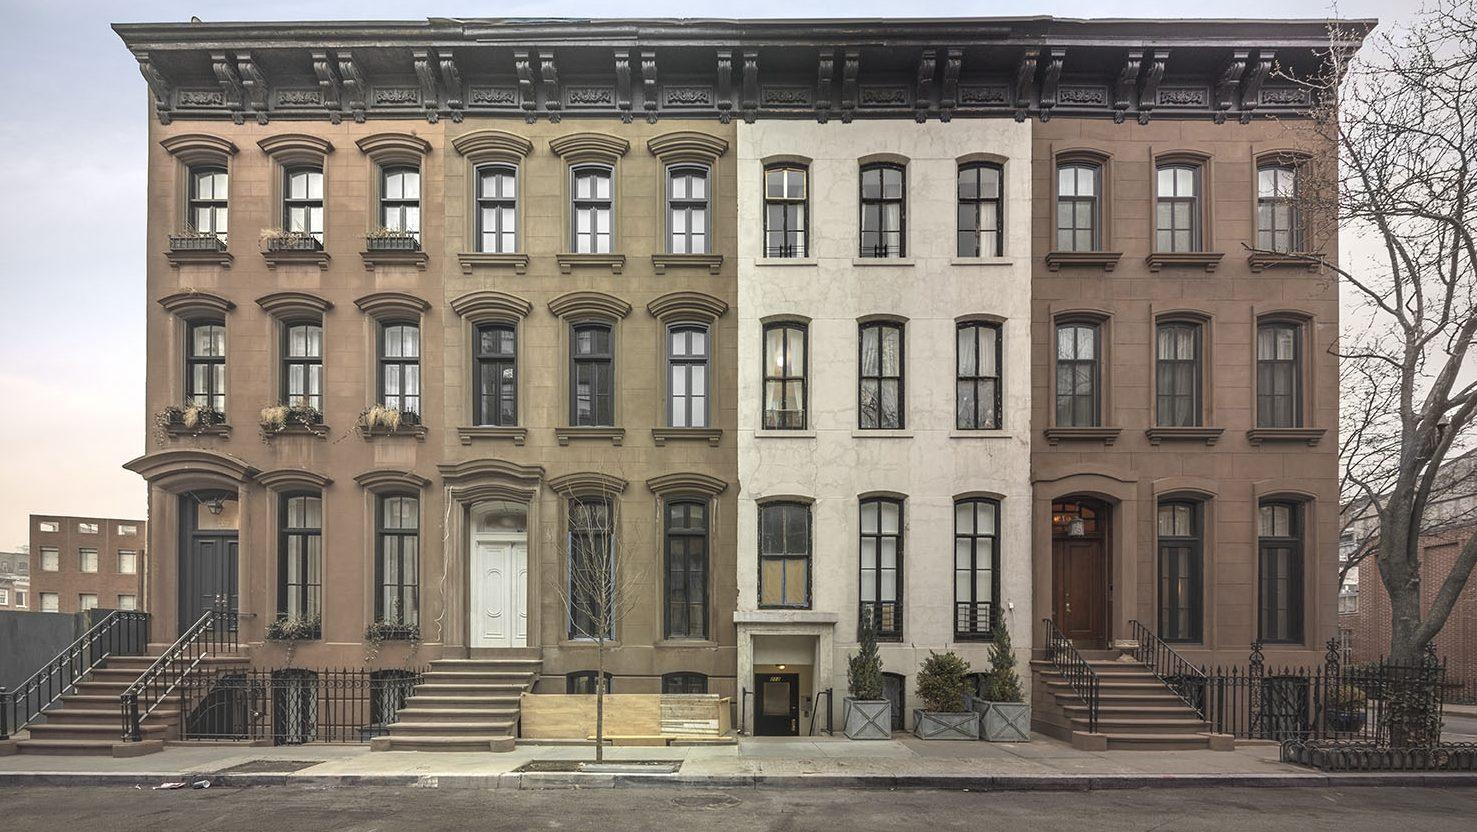 Four Buildings-Marc Yankus 2017